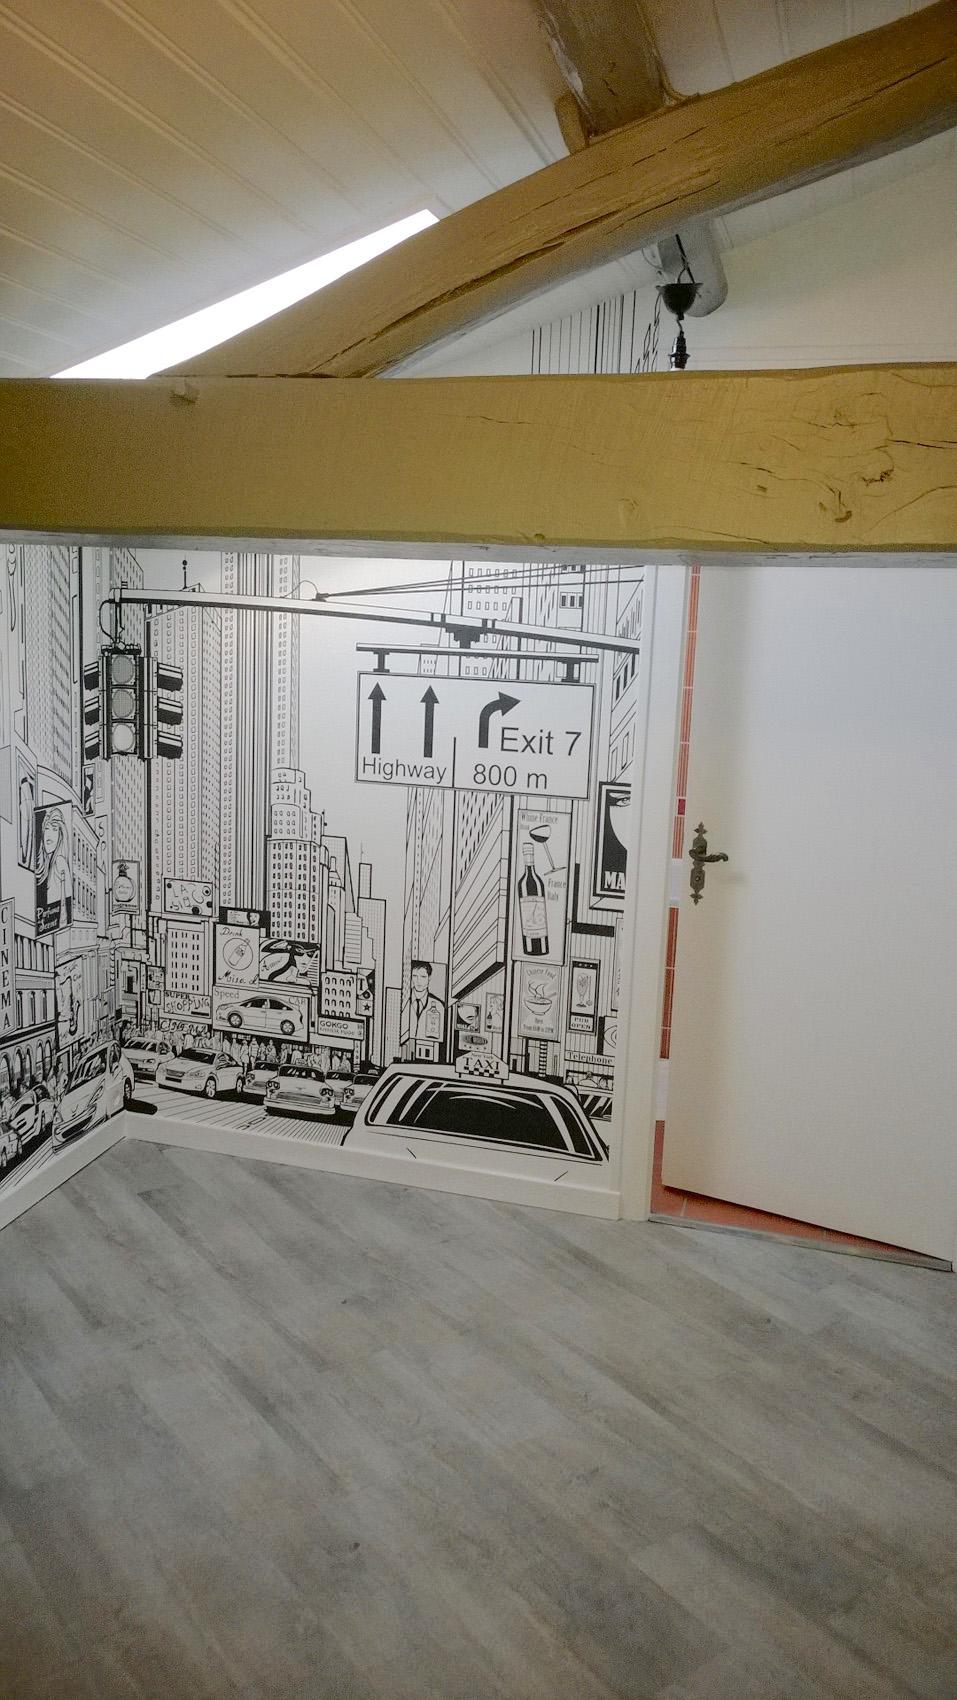 papier peint sevremont en Vendée